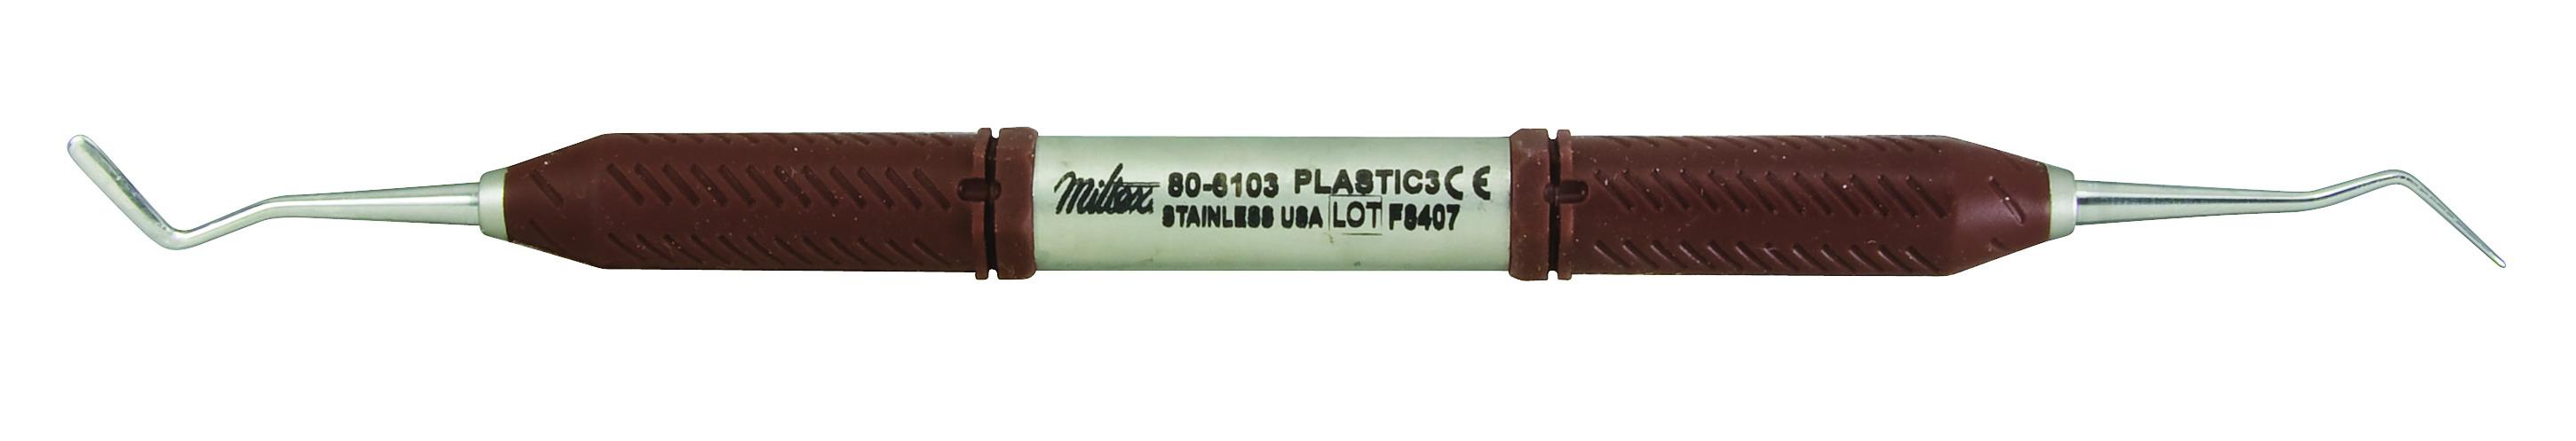 plastic-filling-dbl-end-3-80-6103-miltex.jpg